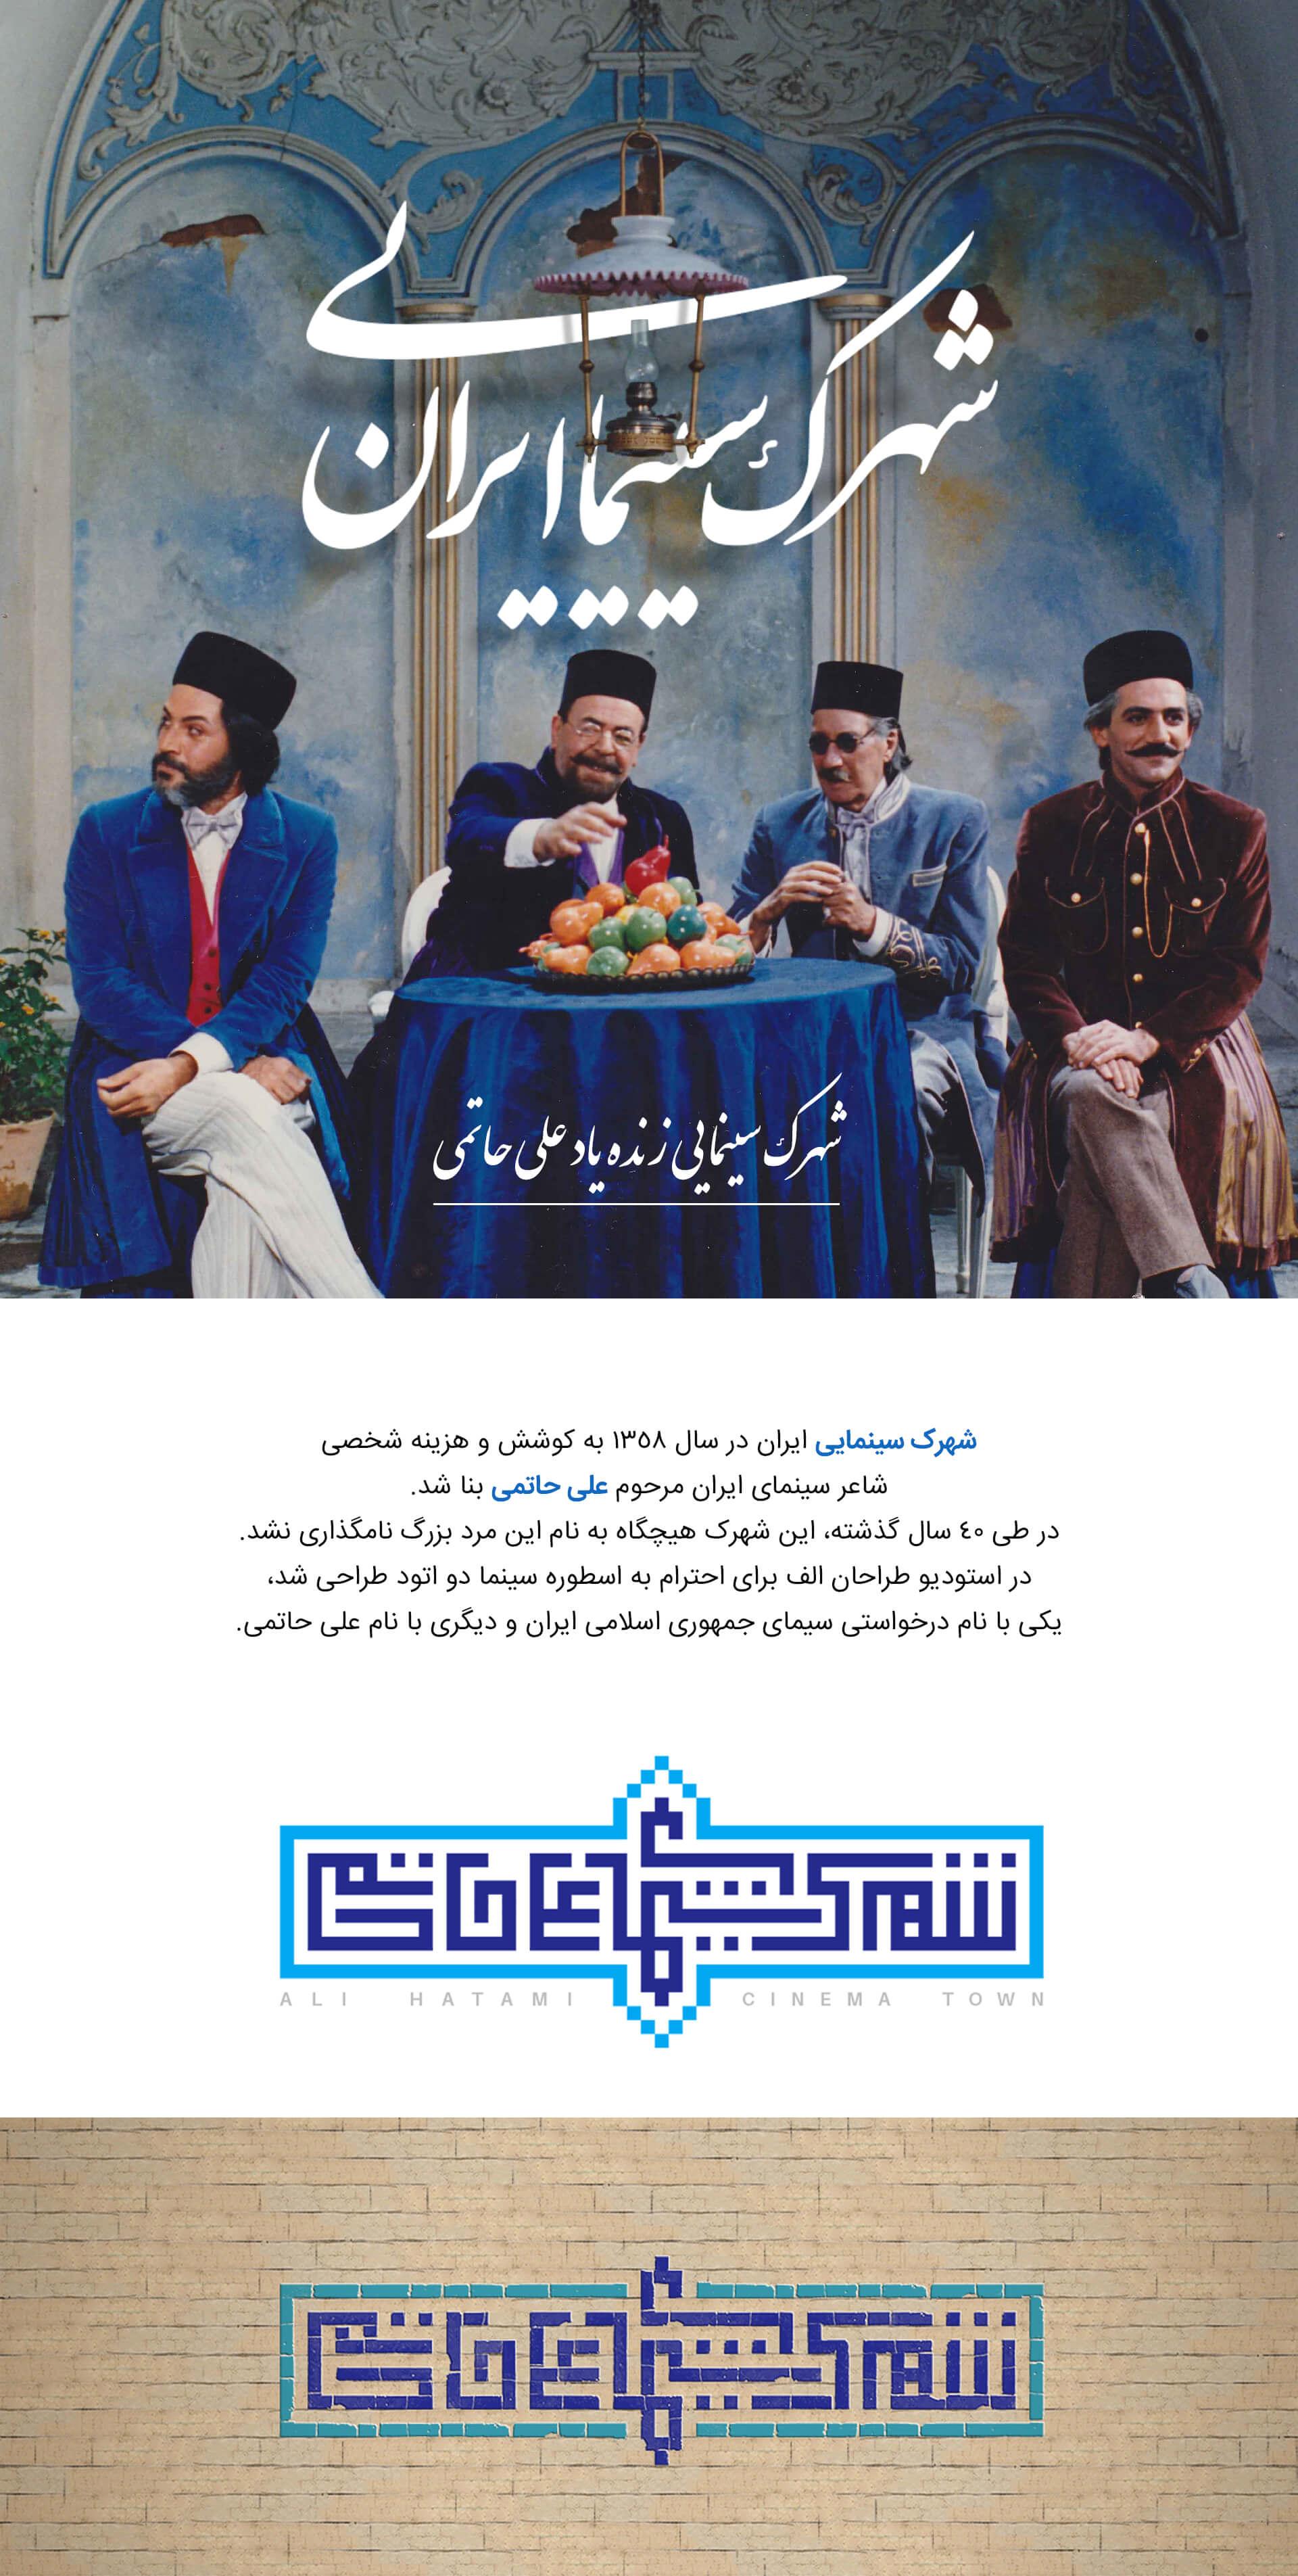 طراحی هویت بصری شهرک سینمایی ایران، هویت بصری، طراحی هویت بصری، شرکت تبلیغاتی الف، طراحی لوگو، طراحی لوگوتابپ، طراحی ست اداری، طراحی اوراق اداری، کمپین تبلیغاتی